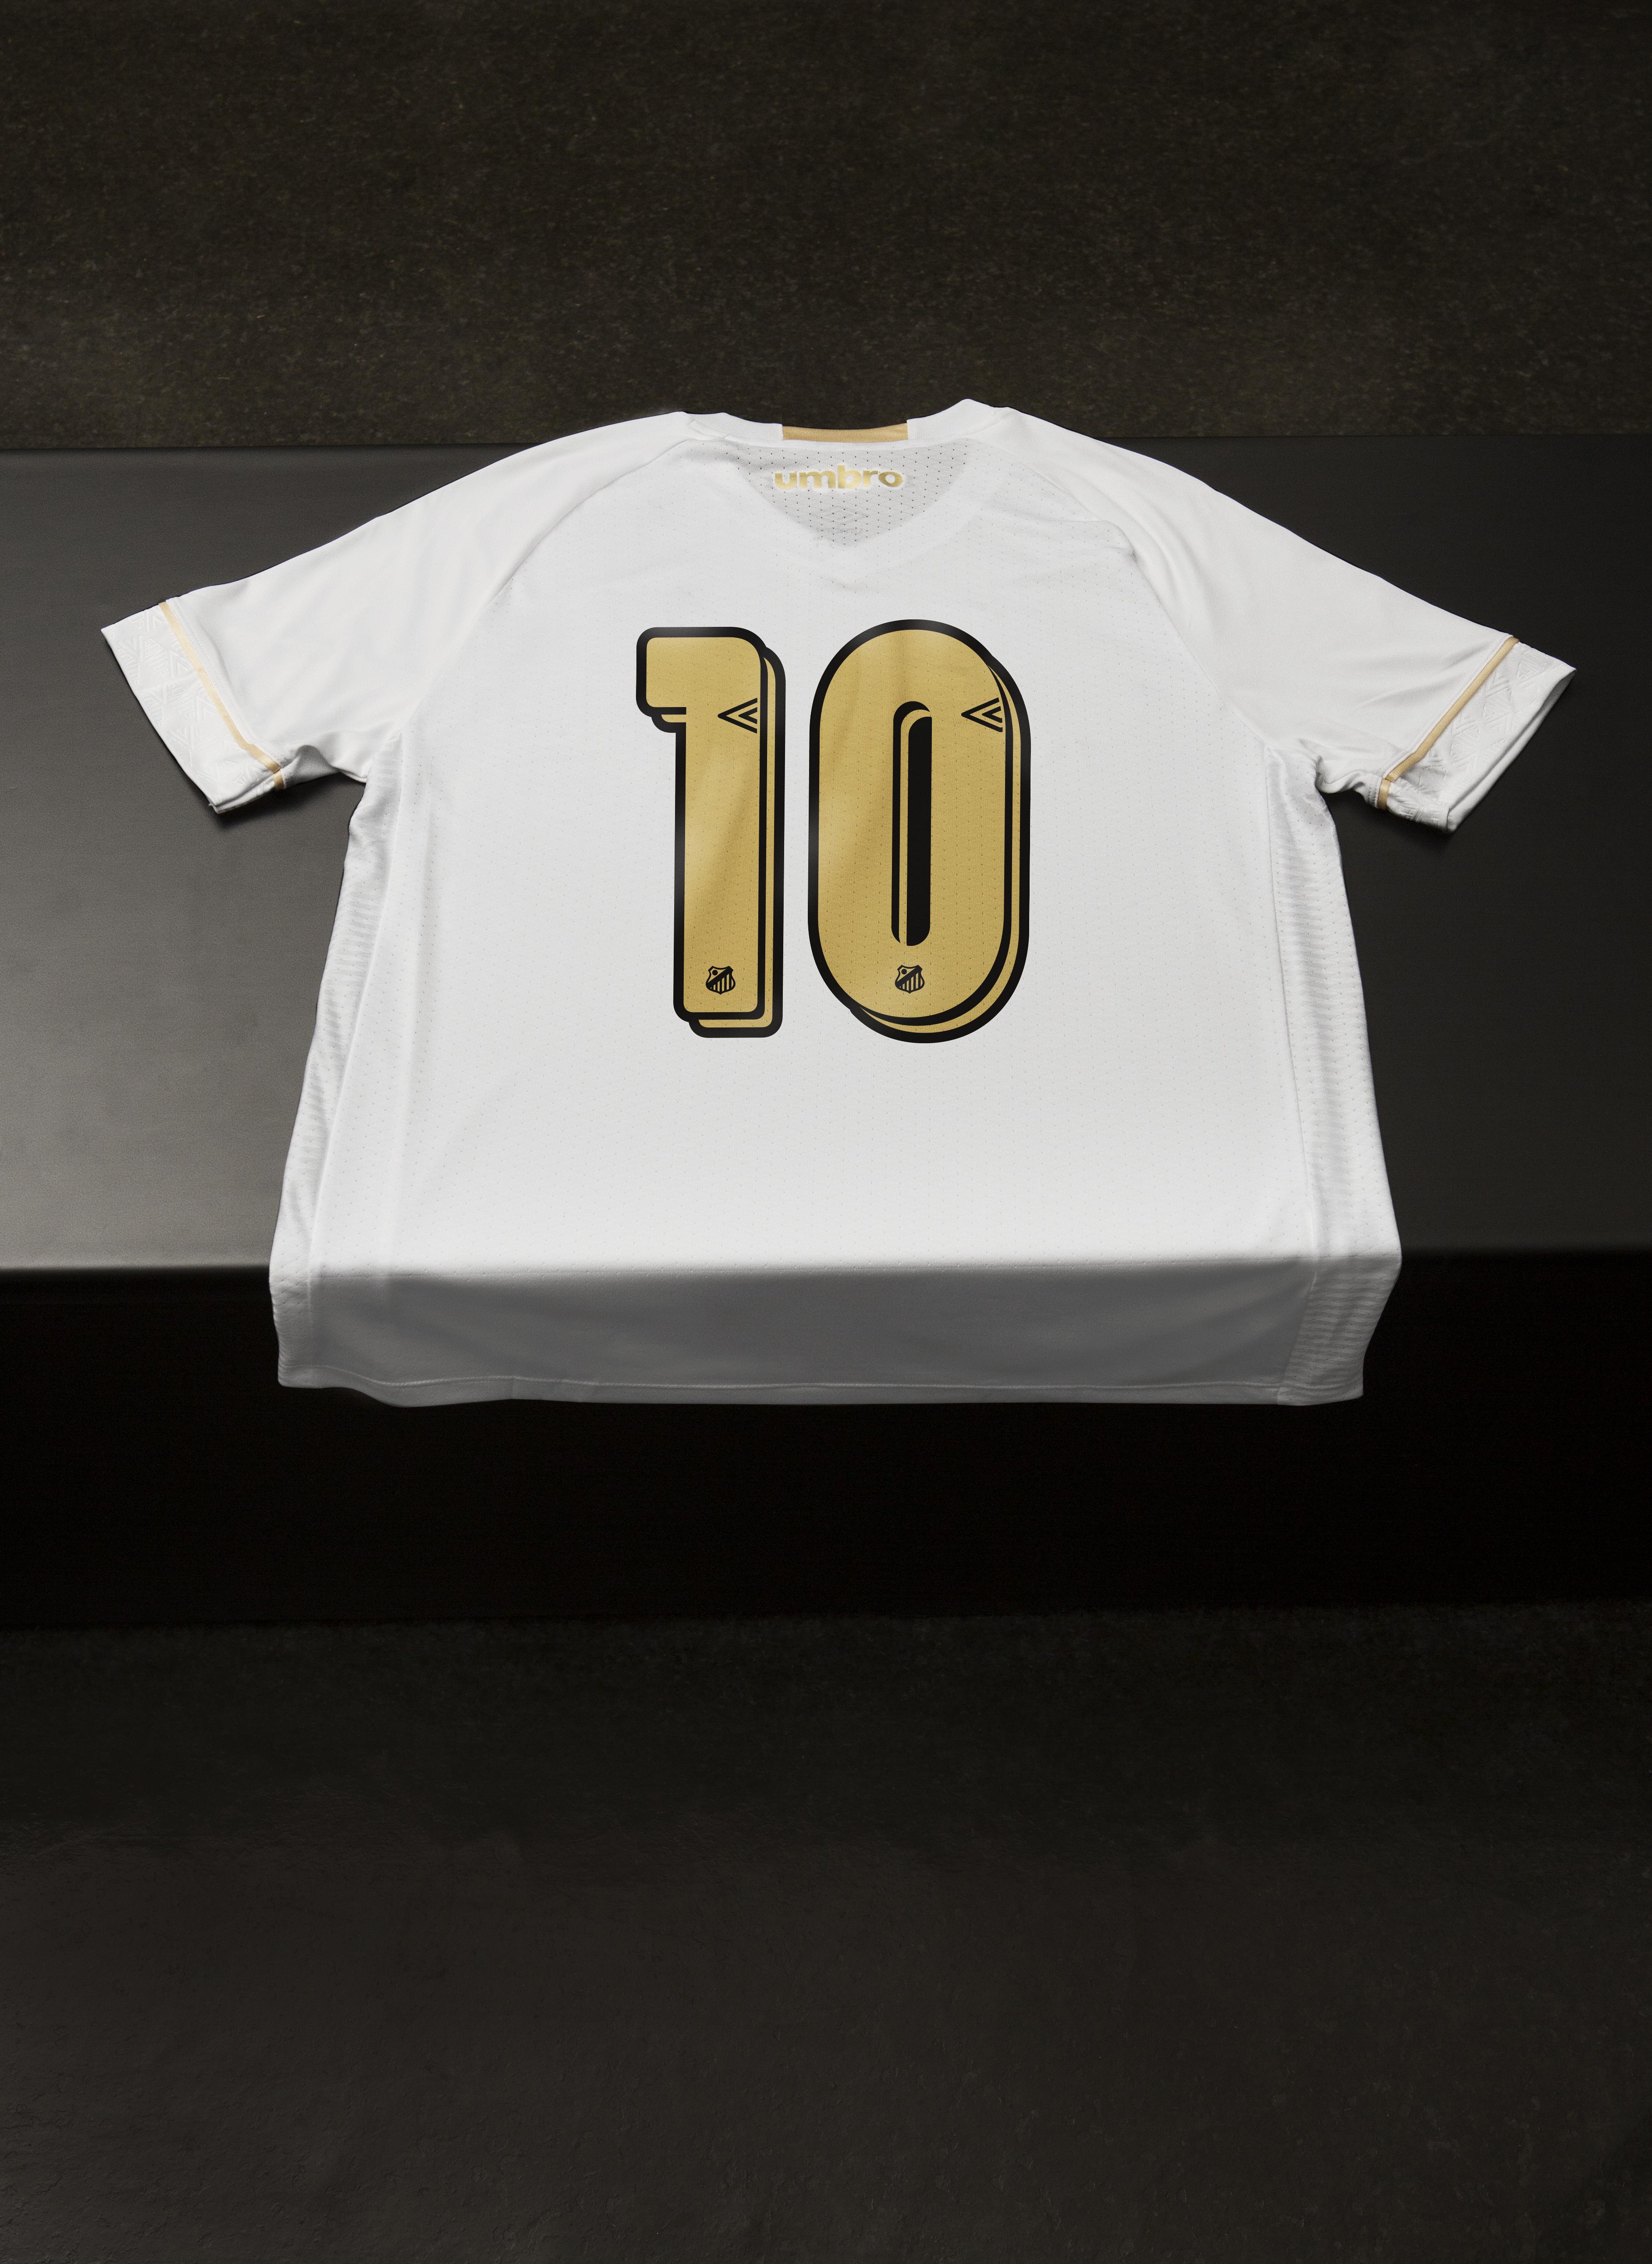 Já para camisa oficial 2 a escolha foi pelo listrado vertical preto e  branco ce19ee747a9d1